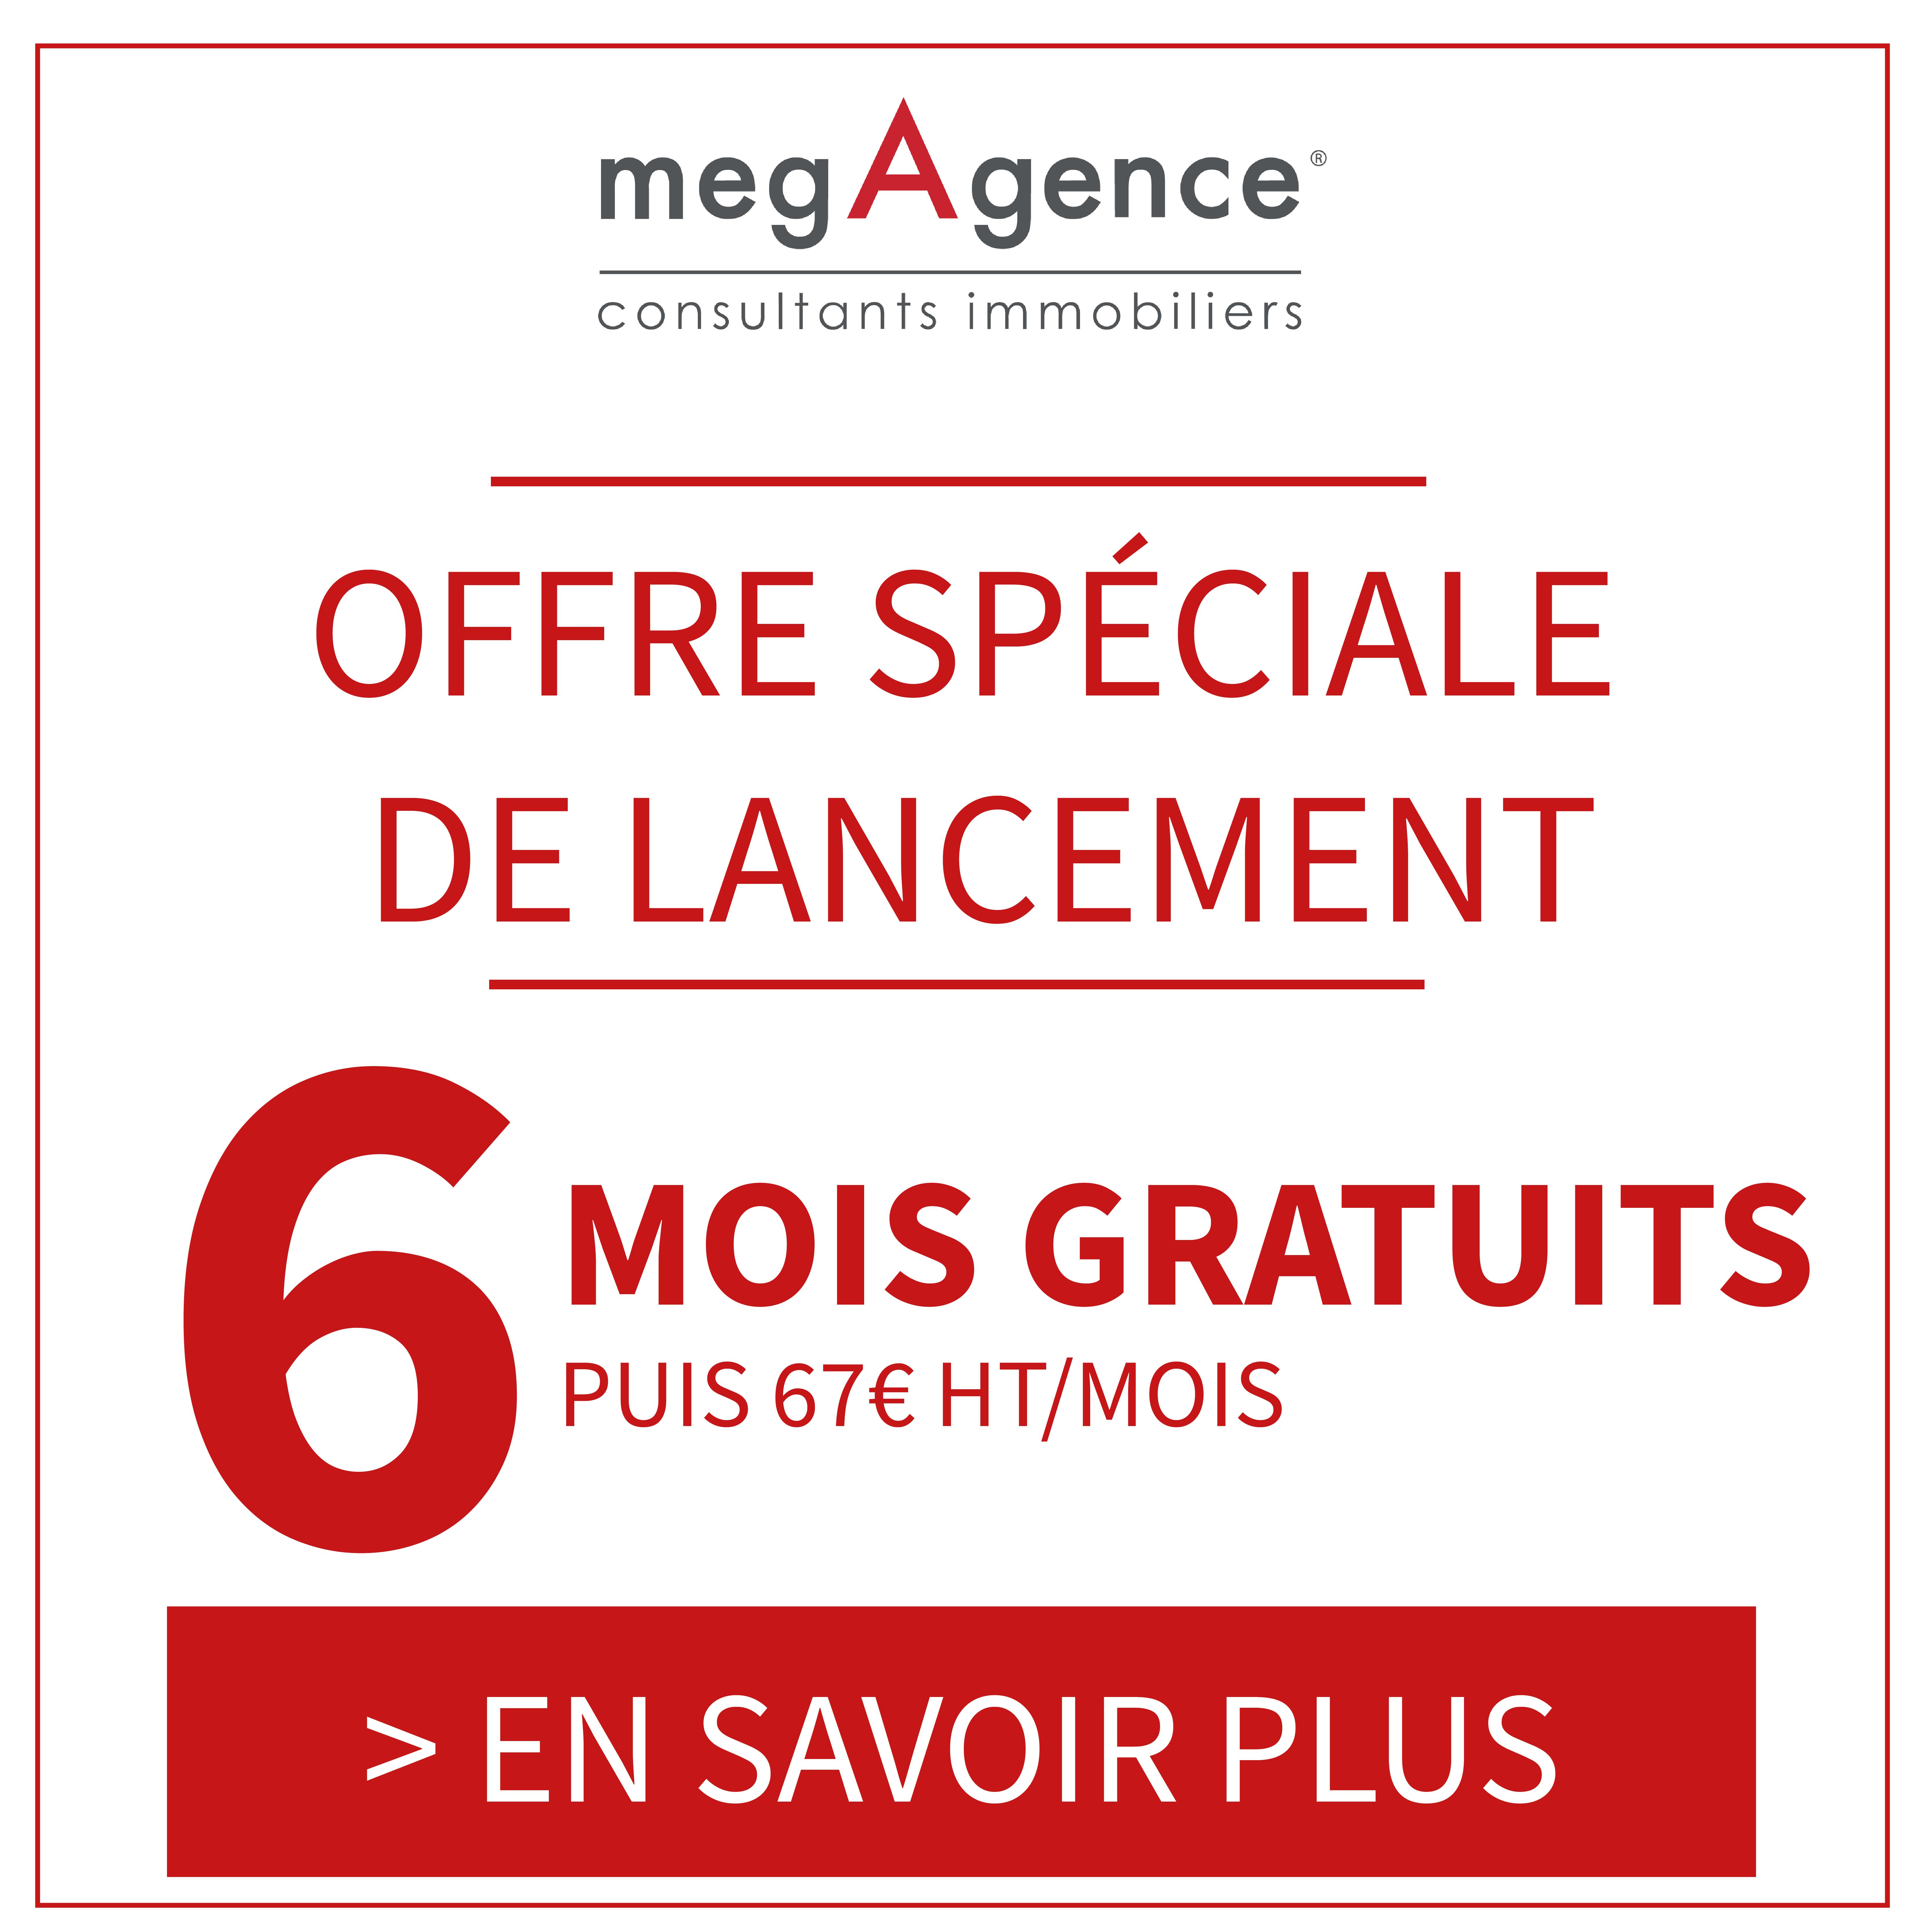 megAgence - offre spéciale 2018